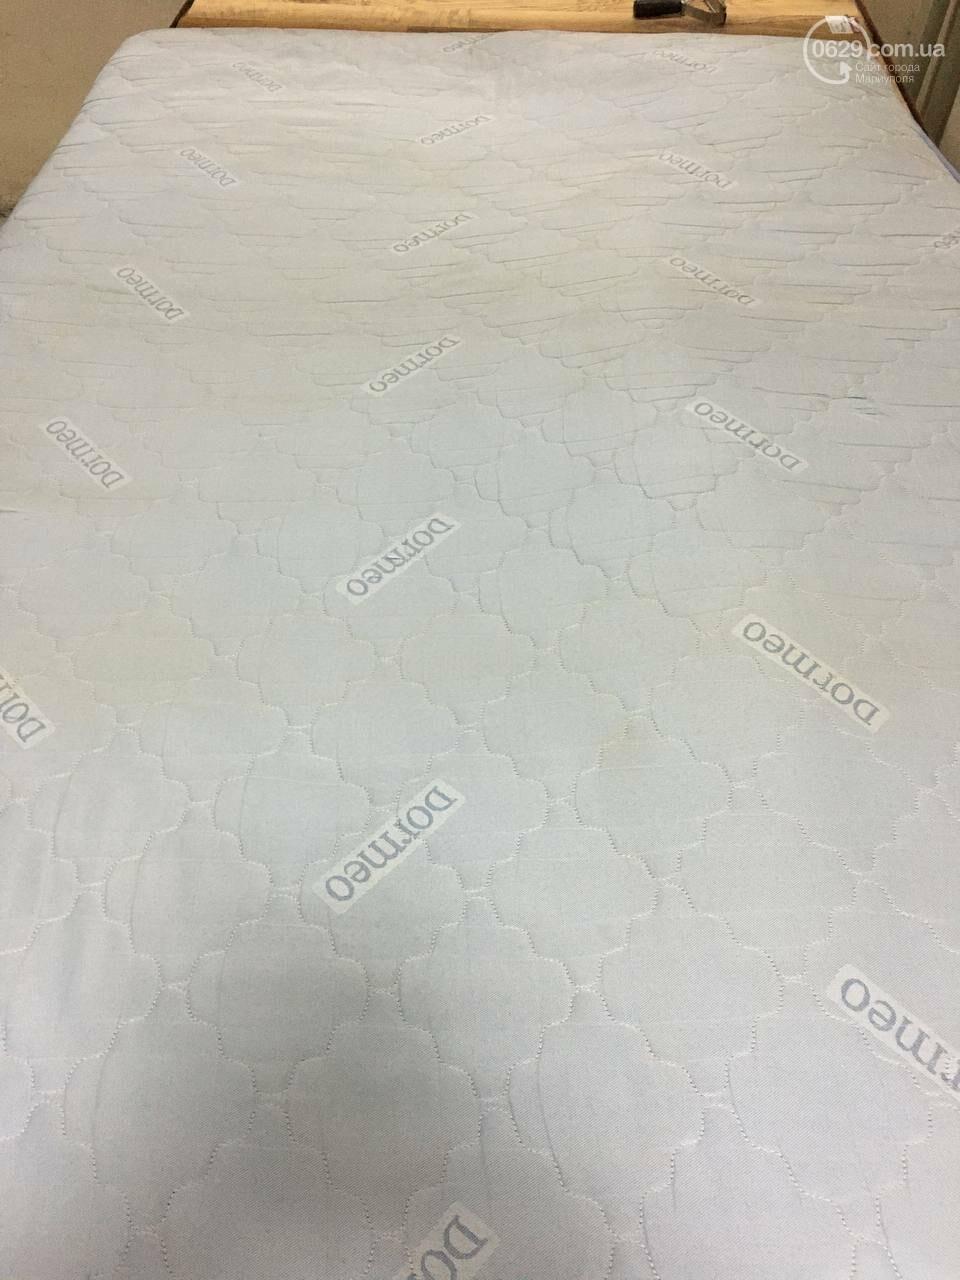 Химчистка ковров в Мариуполе в 8-этапов от Clean Master. Ваши ковры будут как новые!, фото-10